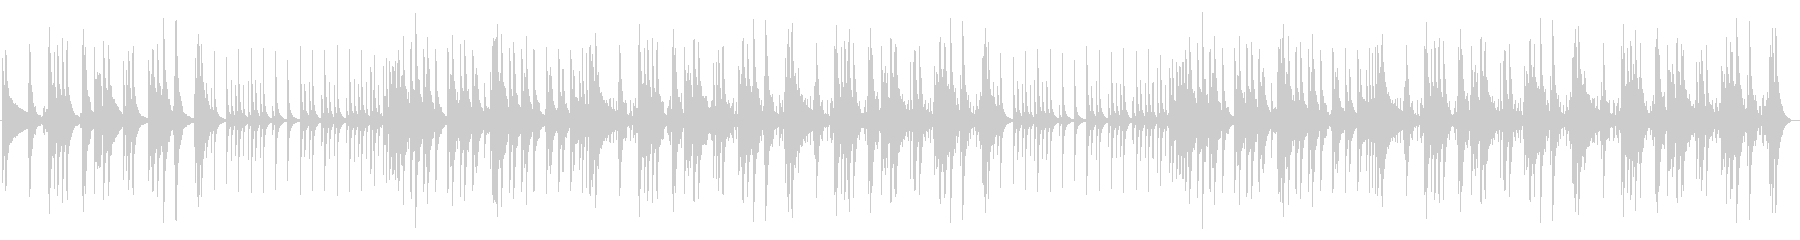 太鼓、チューブラーベル、シンバル、...の未再生の波形